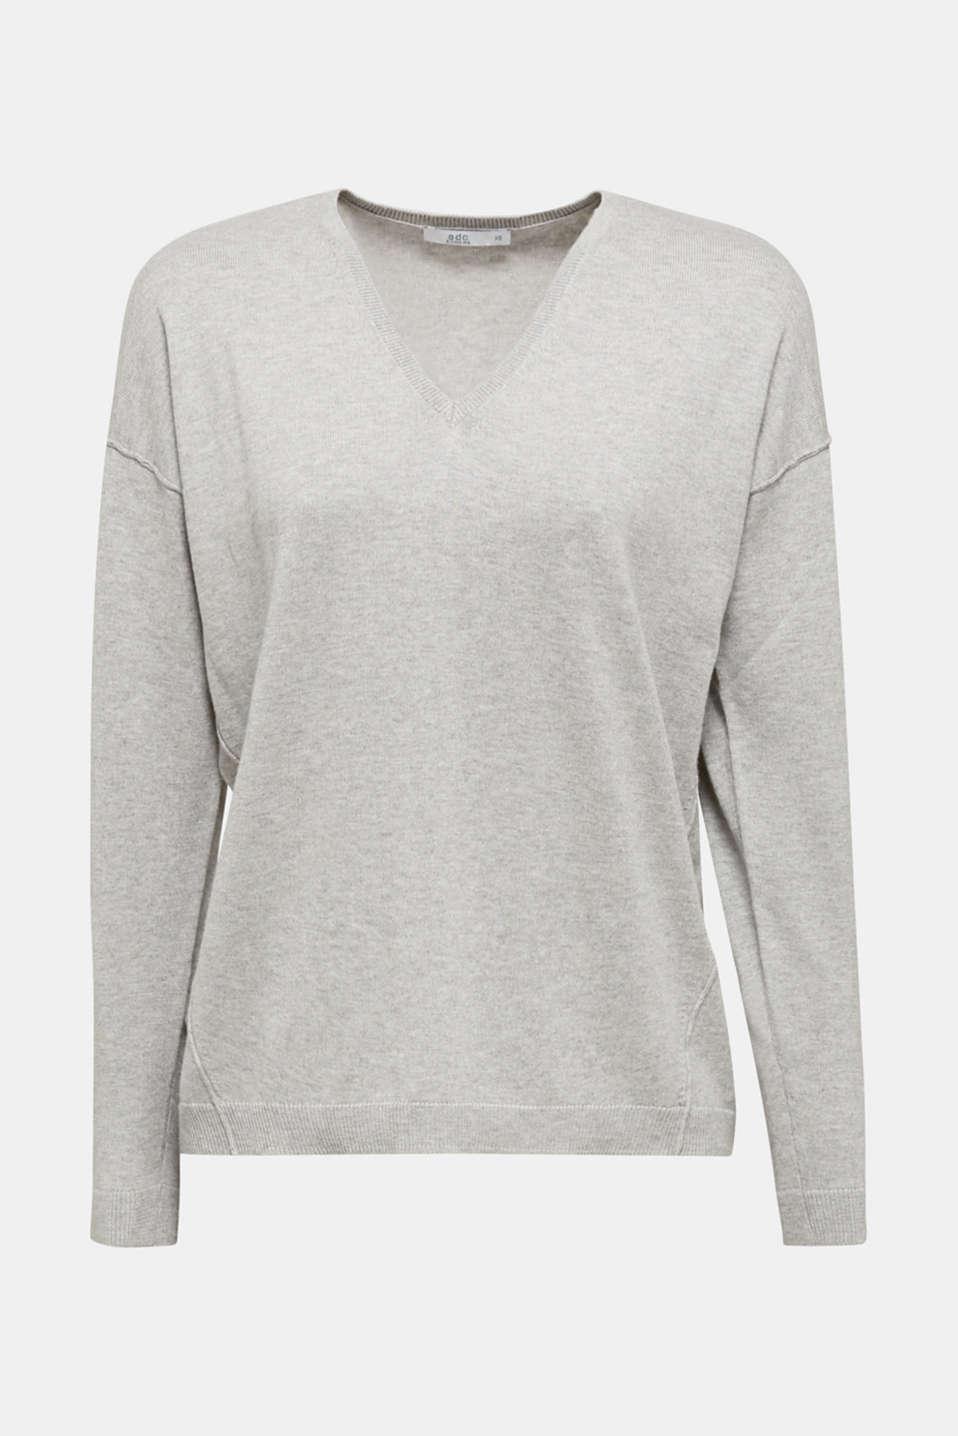 V-neck jumper, organic cotton, LIGHT GREY 5, detail image number 5